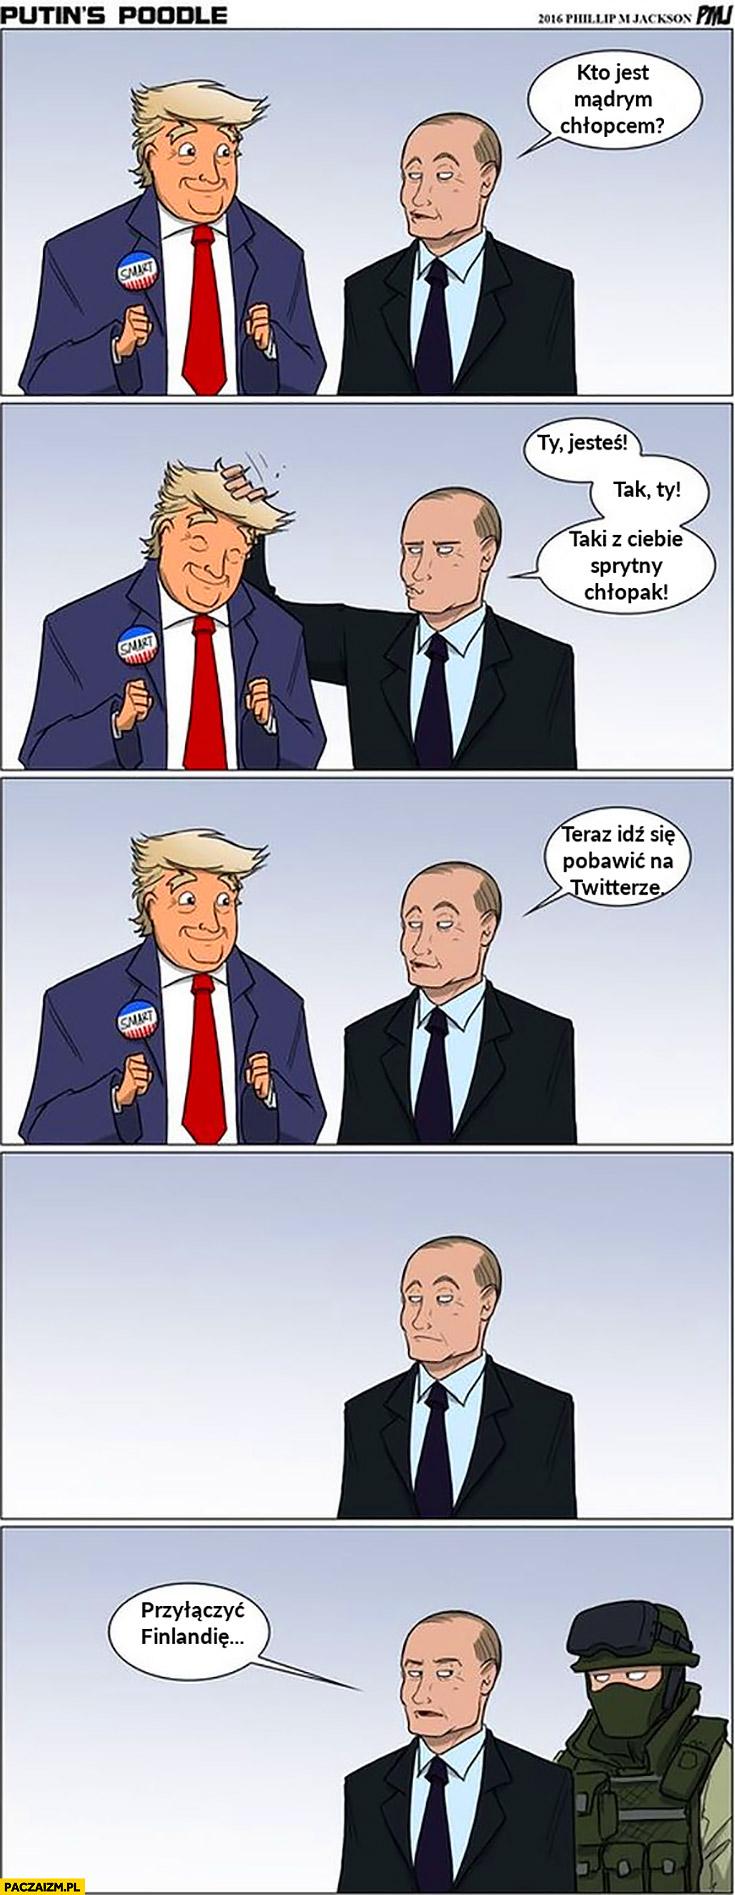 Putin Trump kto jest mądrym chłopcem, Ty jesteś, tak Ty, idź się pobawić na twitterze przyłączyć Finlandie